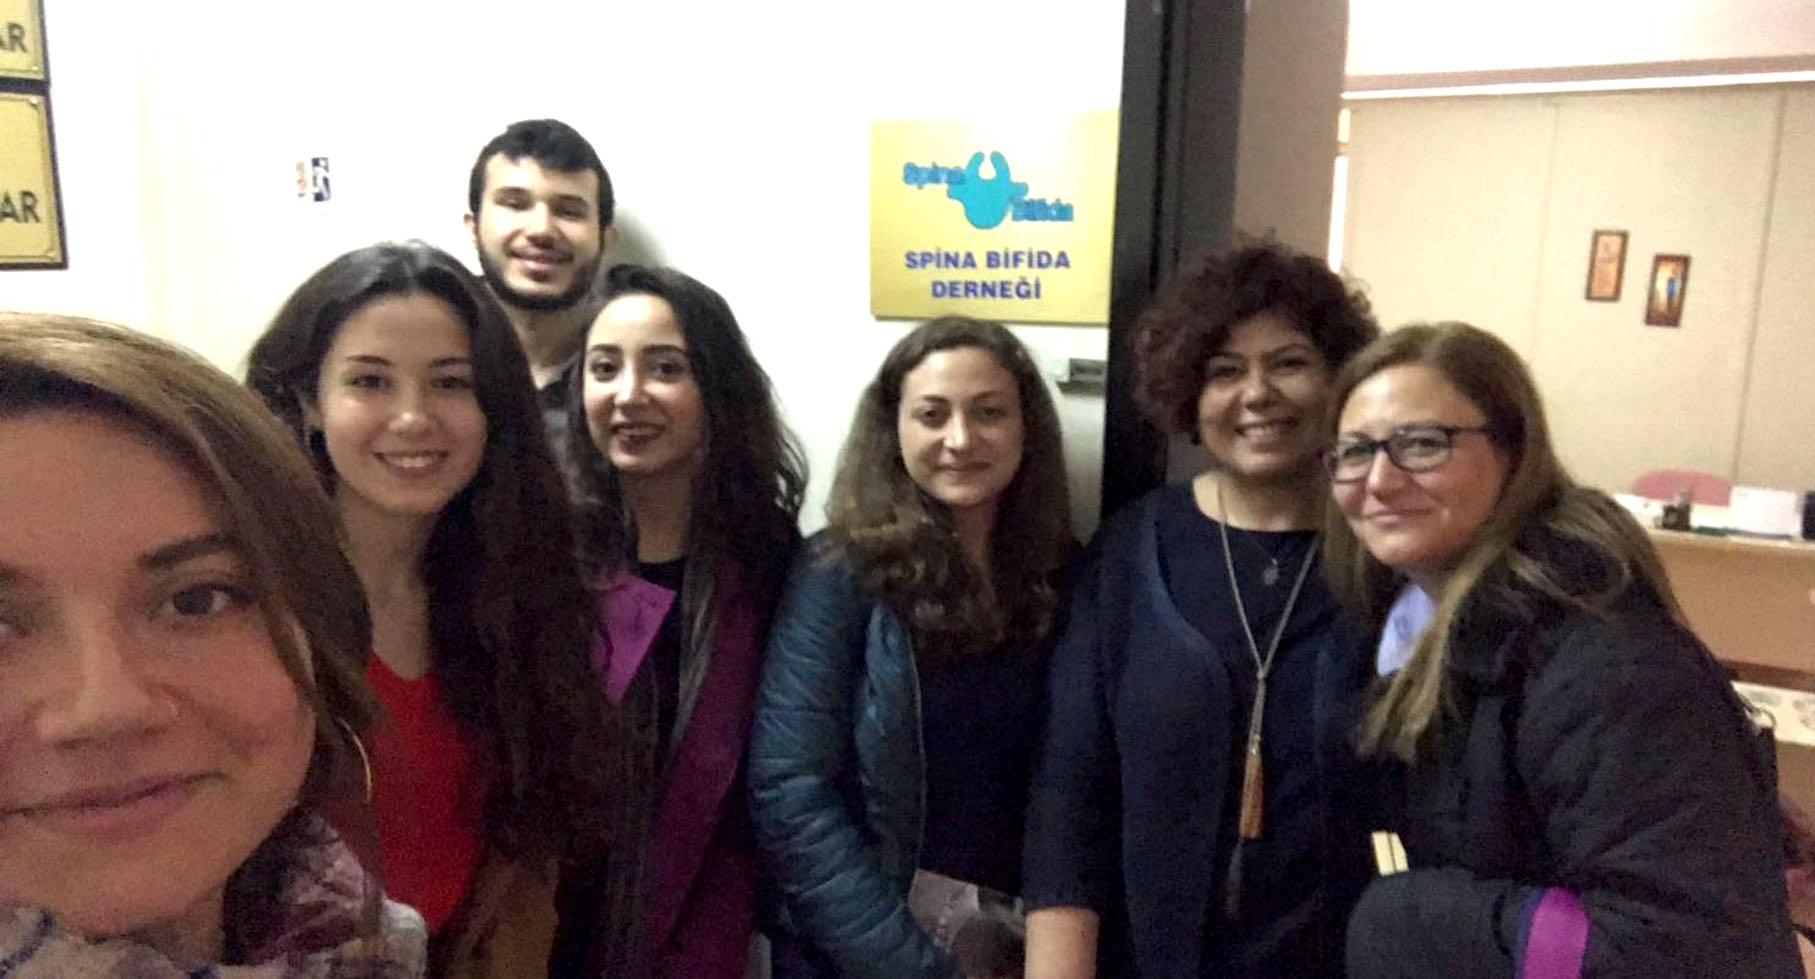 Ege Üniversitesi Tıp fakültesi öğrencileri Dr. Aslı Kılavuz hocamızla birlikte derneğimizi ziyaret etti